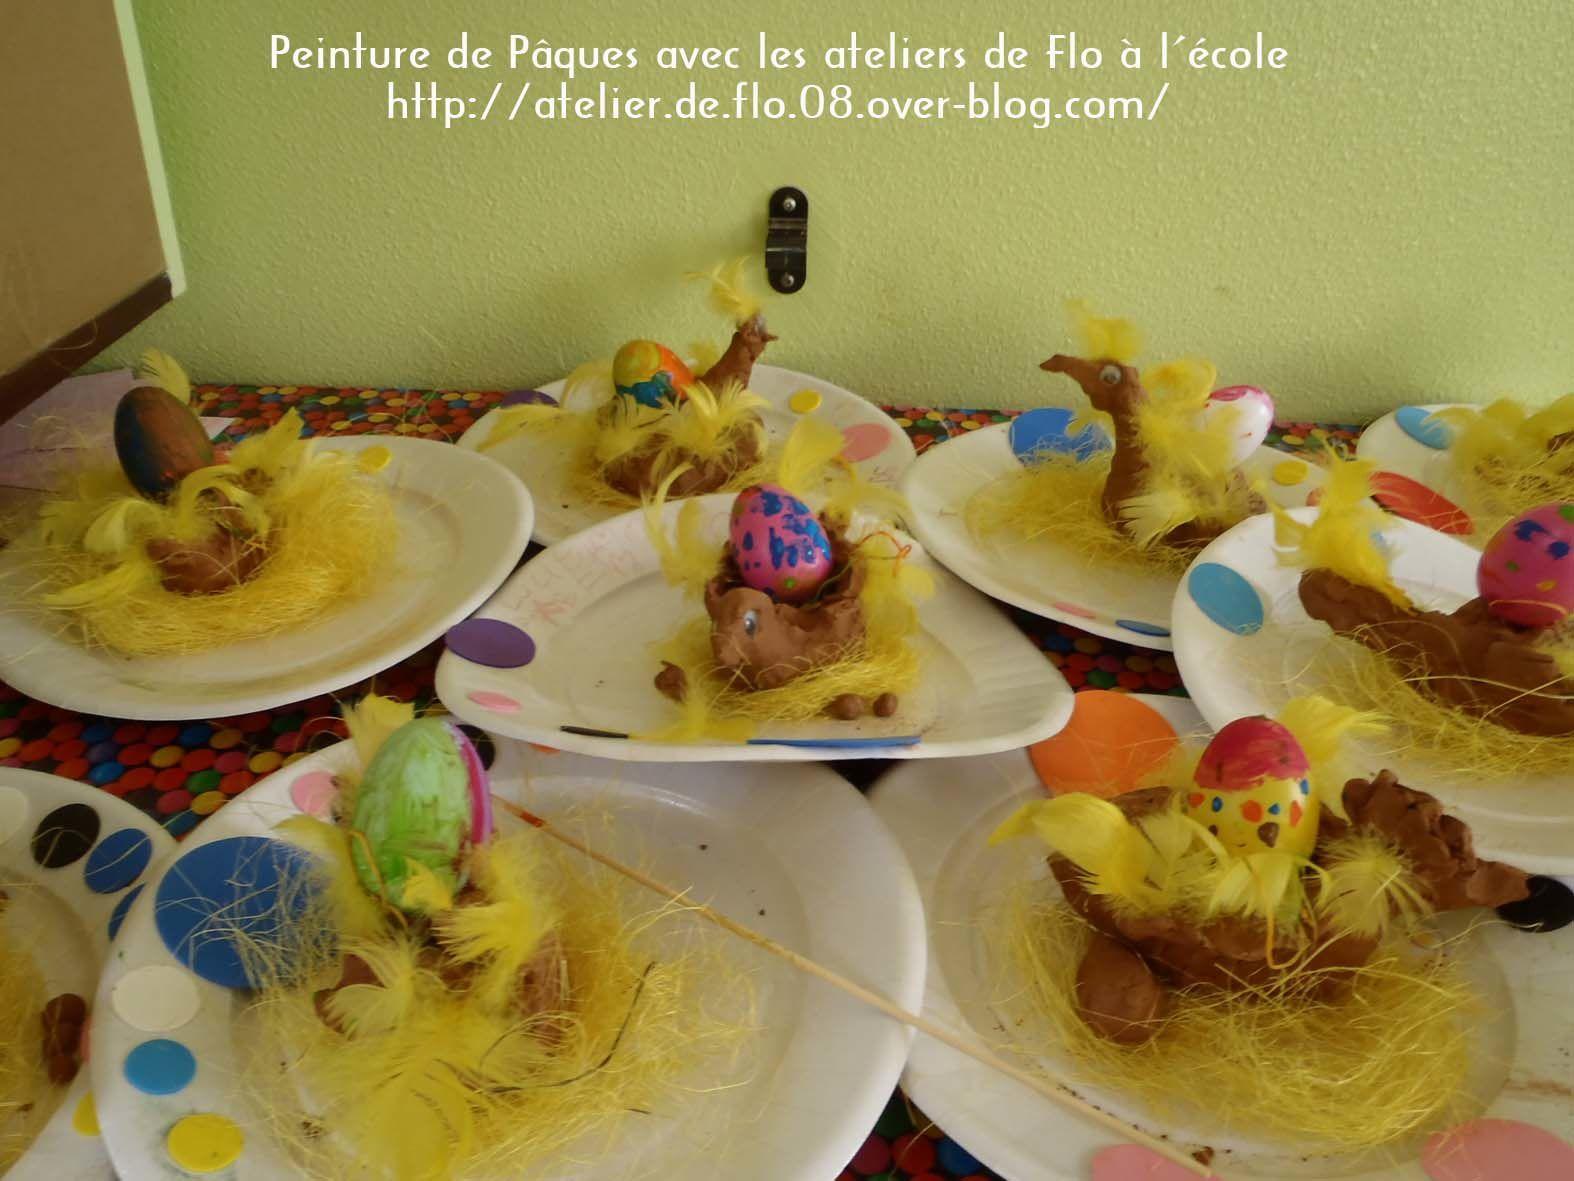 Les poules en argile, vous pourrez les voir ce jeudi 17 Avril à partir de 16h30 à l'école